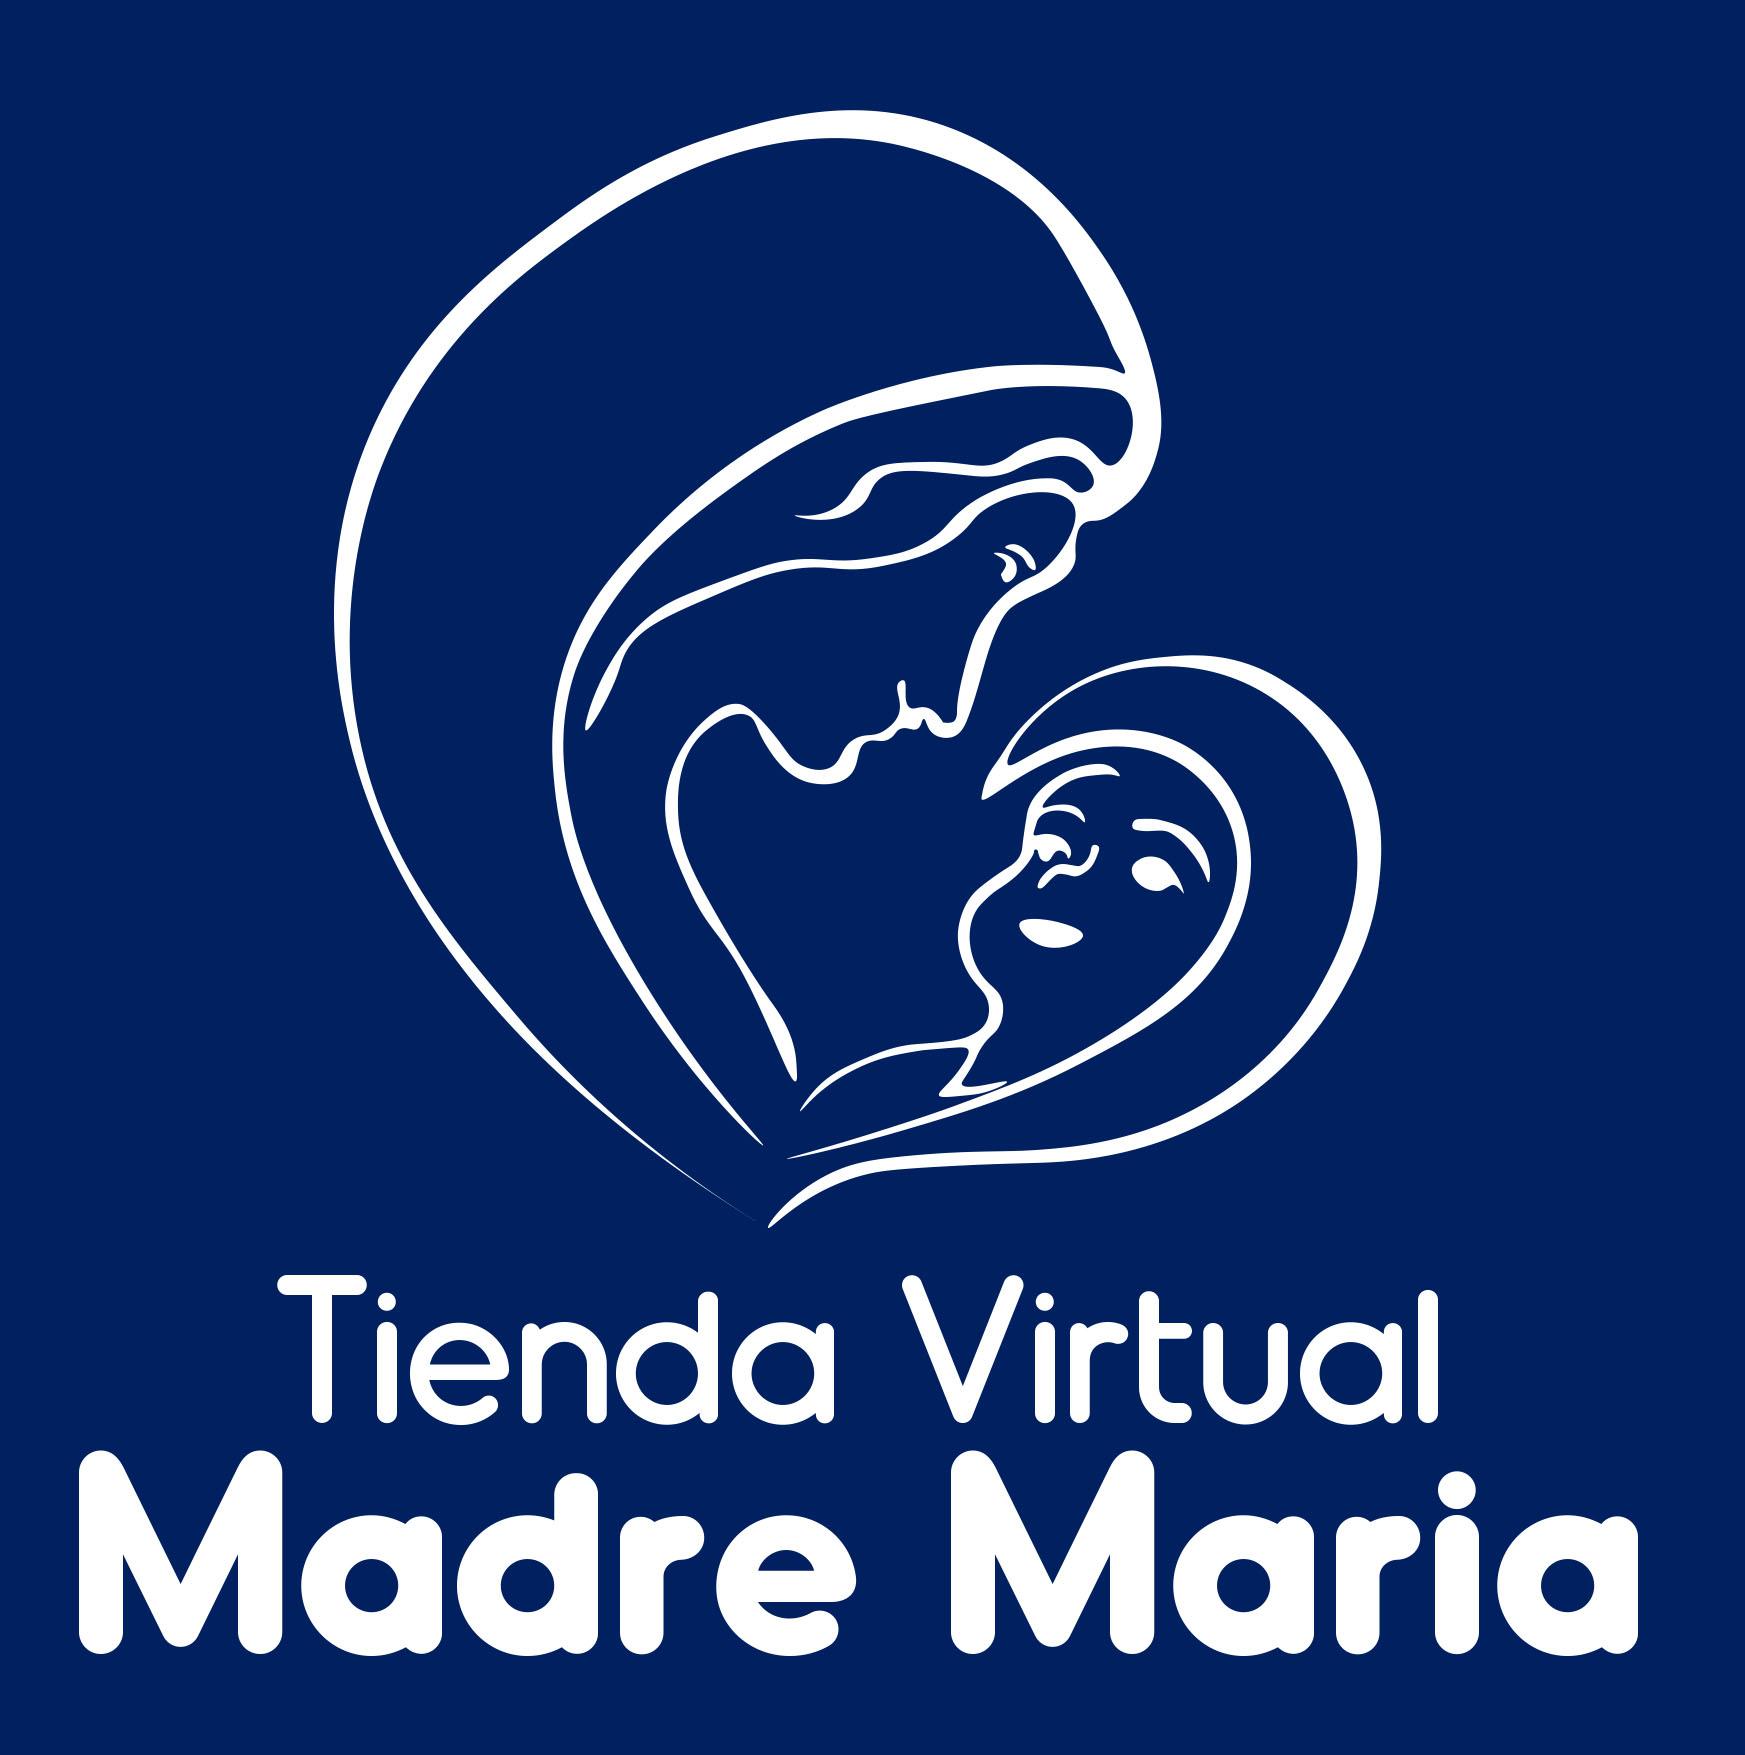 Tienda Virtual Madre María